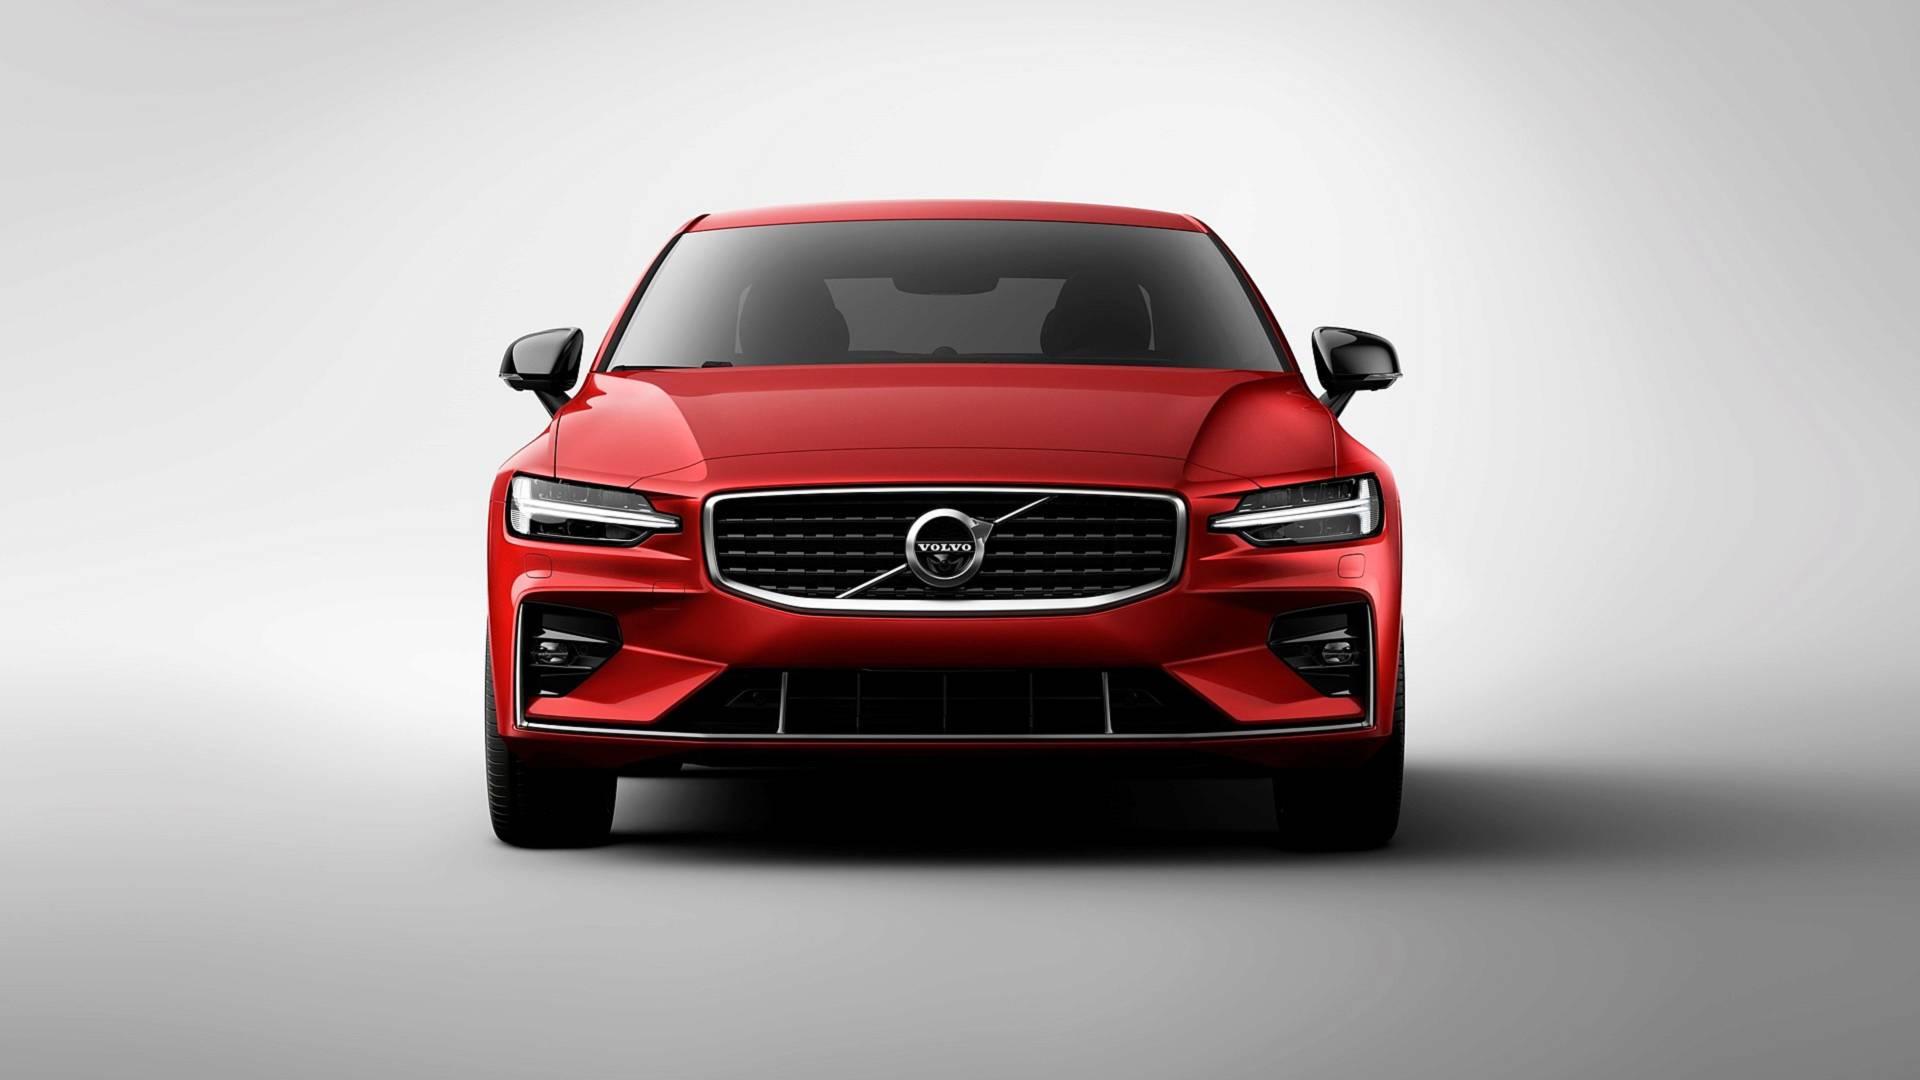 Aracın Volvo S-60 modelinin en son sürümünün kısa bir incelemesi